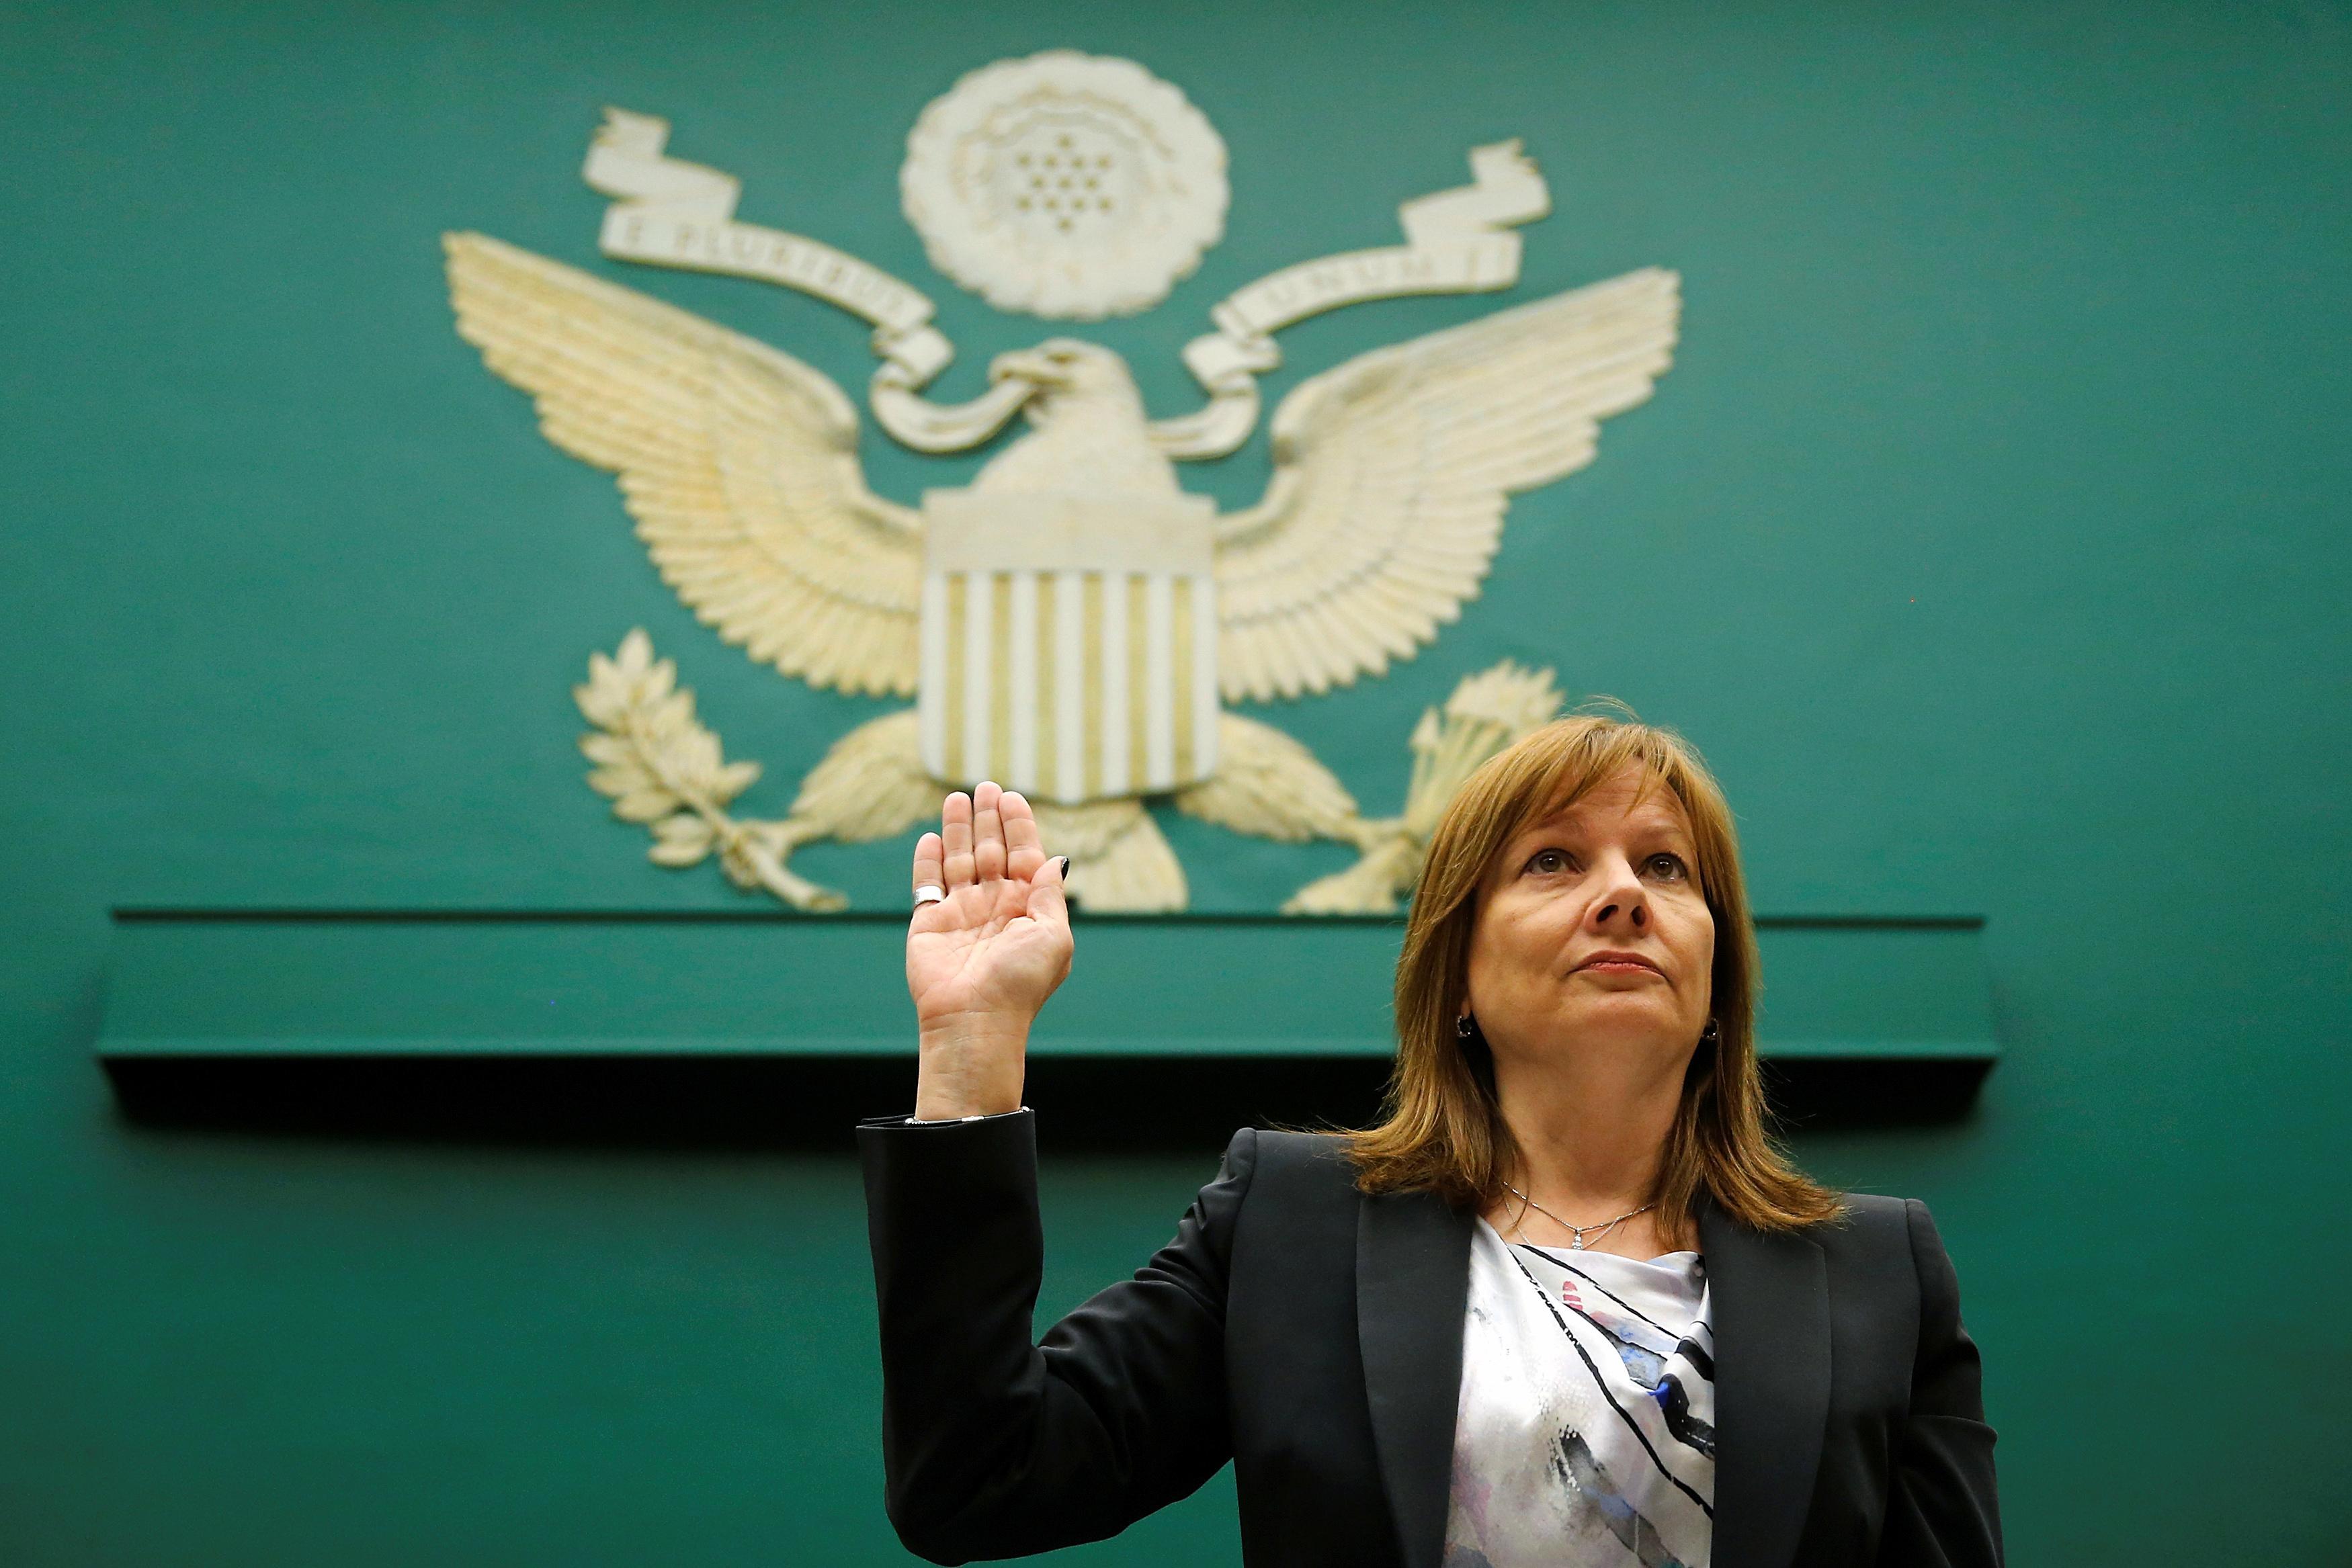 ?m=02&d=20200116&t=2&i=1477224678&r=LYNXMPEG0F116 - special, secrecy, report, regulators, hobbles, courts